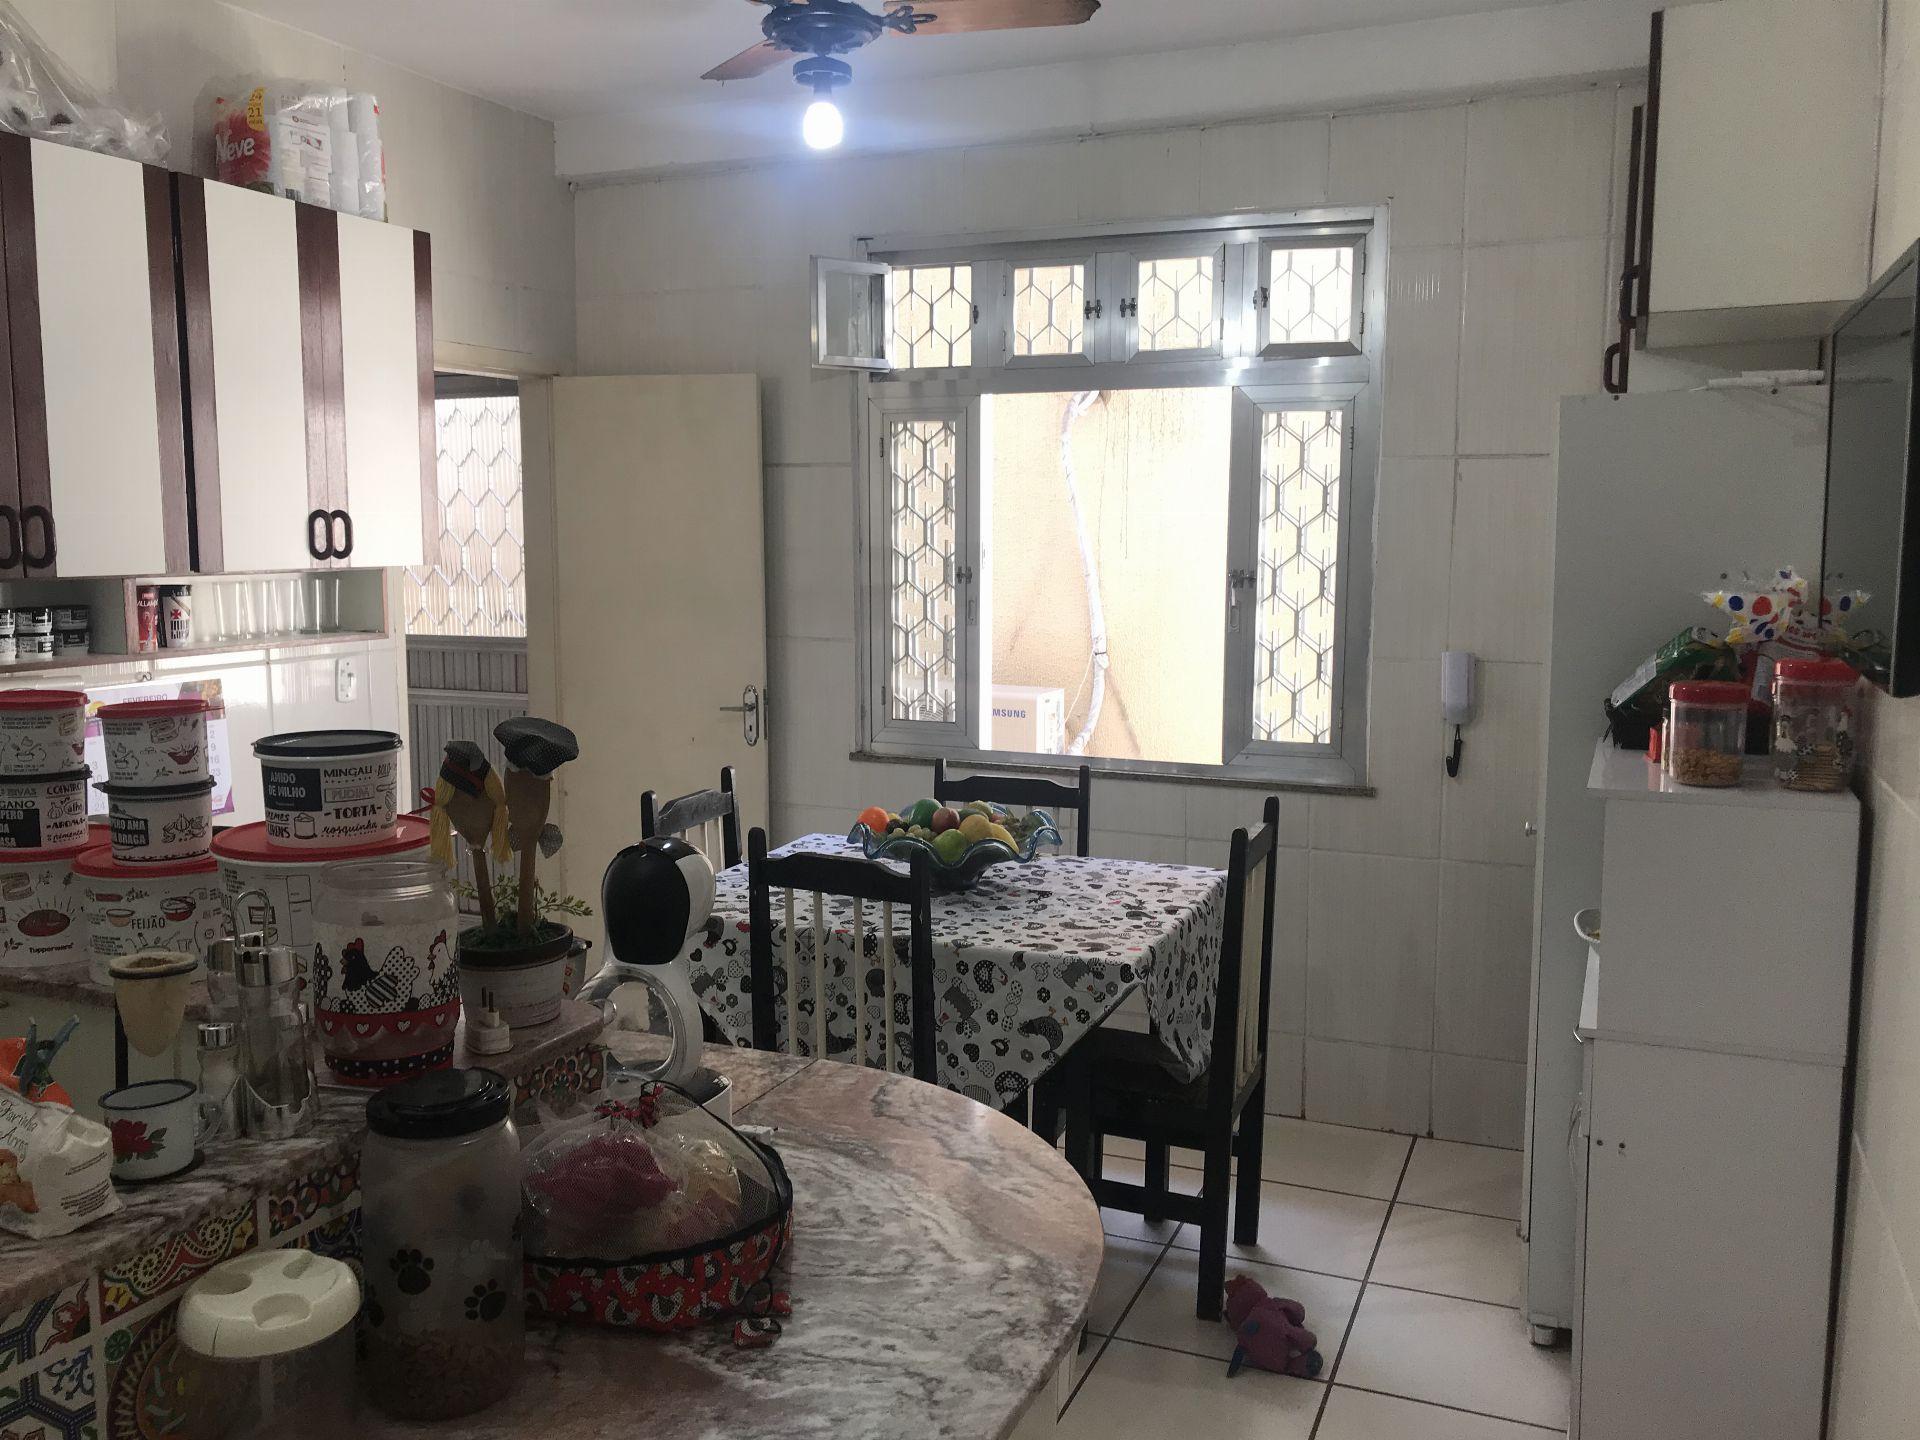 FOTO 4 - Casa em Condomínio à venda Rua Upiara,Bento Ribeiro, Rio de Janeiro - R$ 650.000 - RF215 - 5